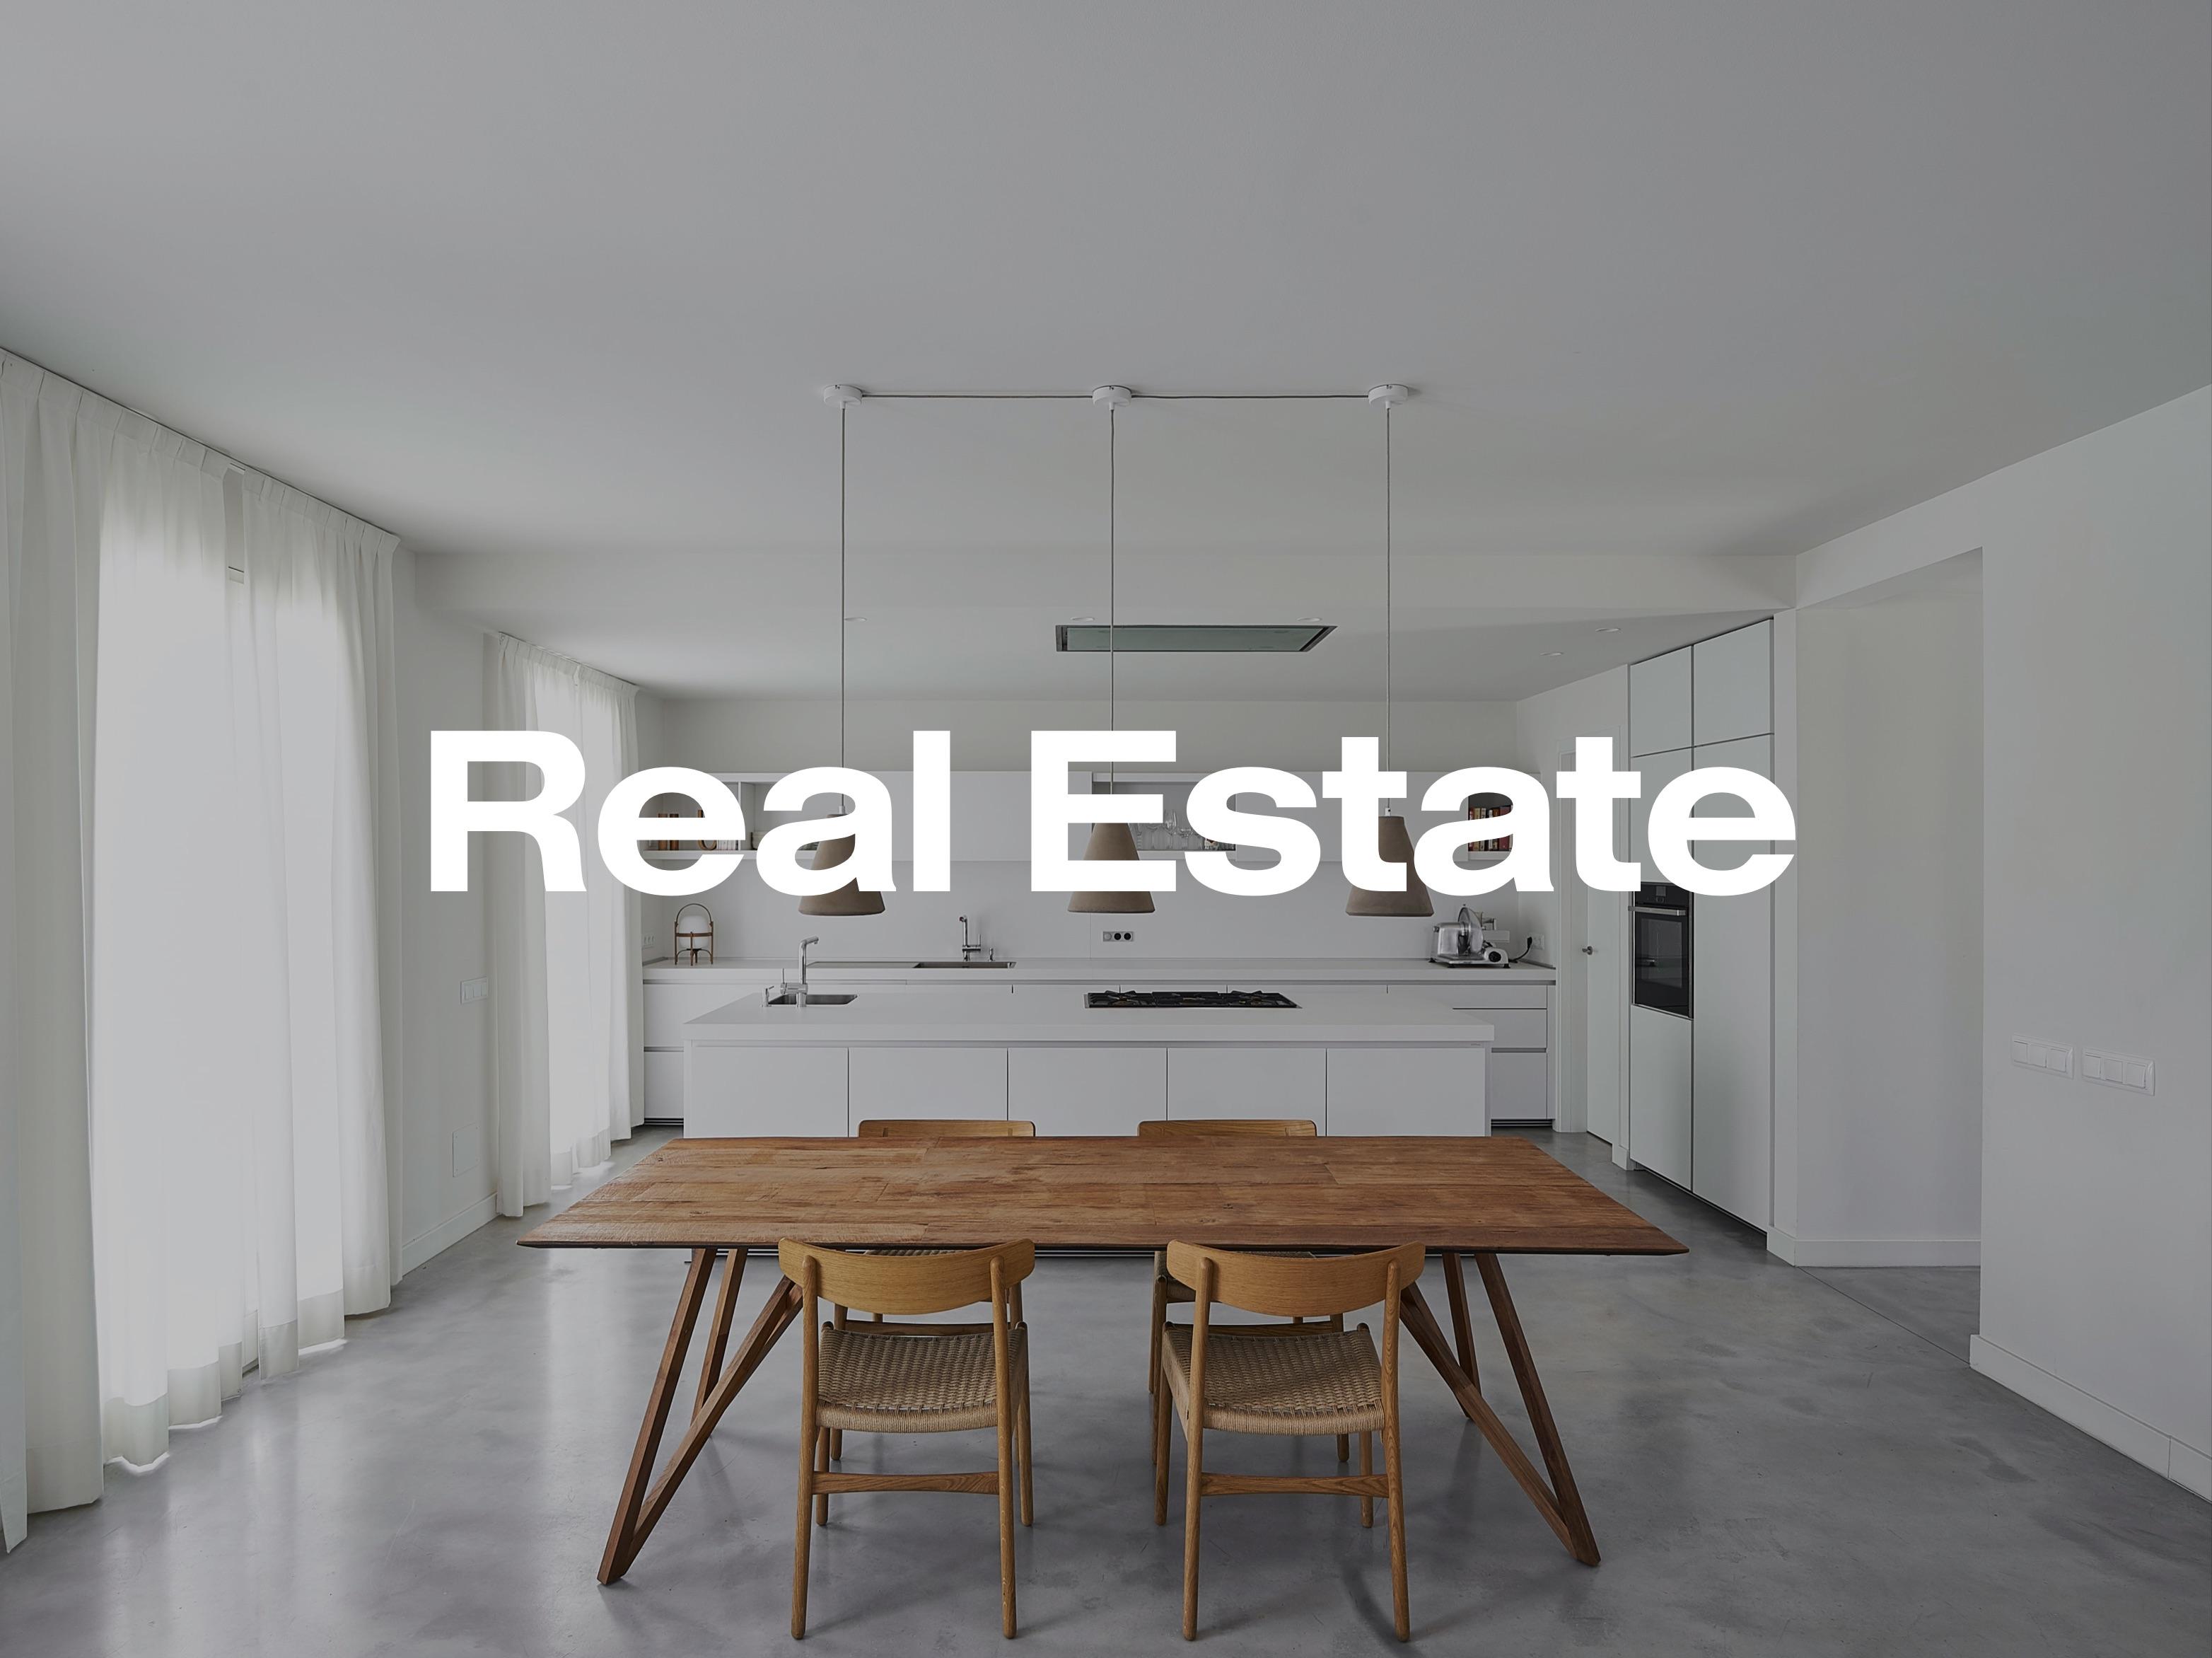 Real Estate - Création de site internet